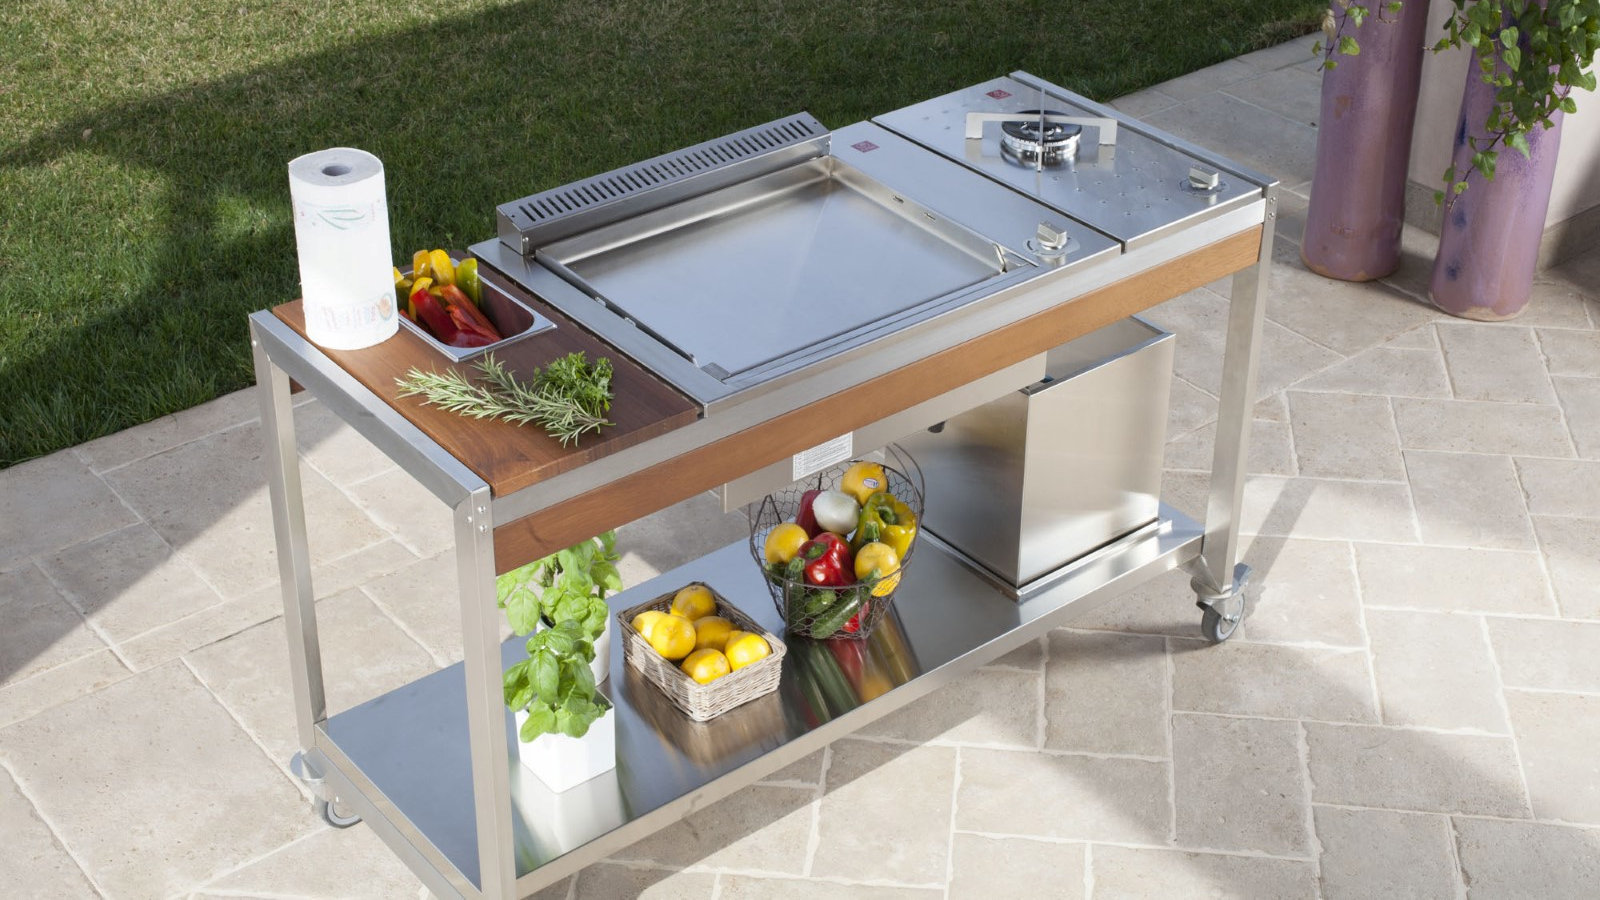 Outdoorküche Garten Edelstahl Preise : Gartenküche und outdoorküche grillen im garten